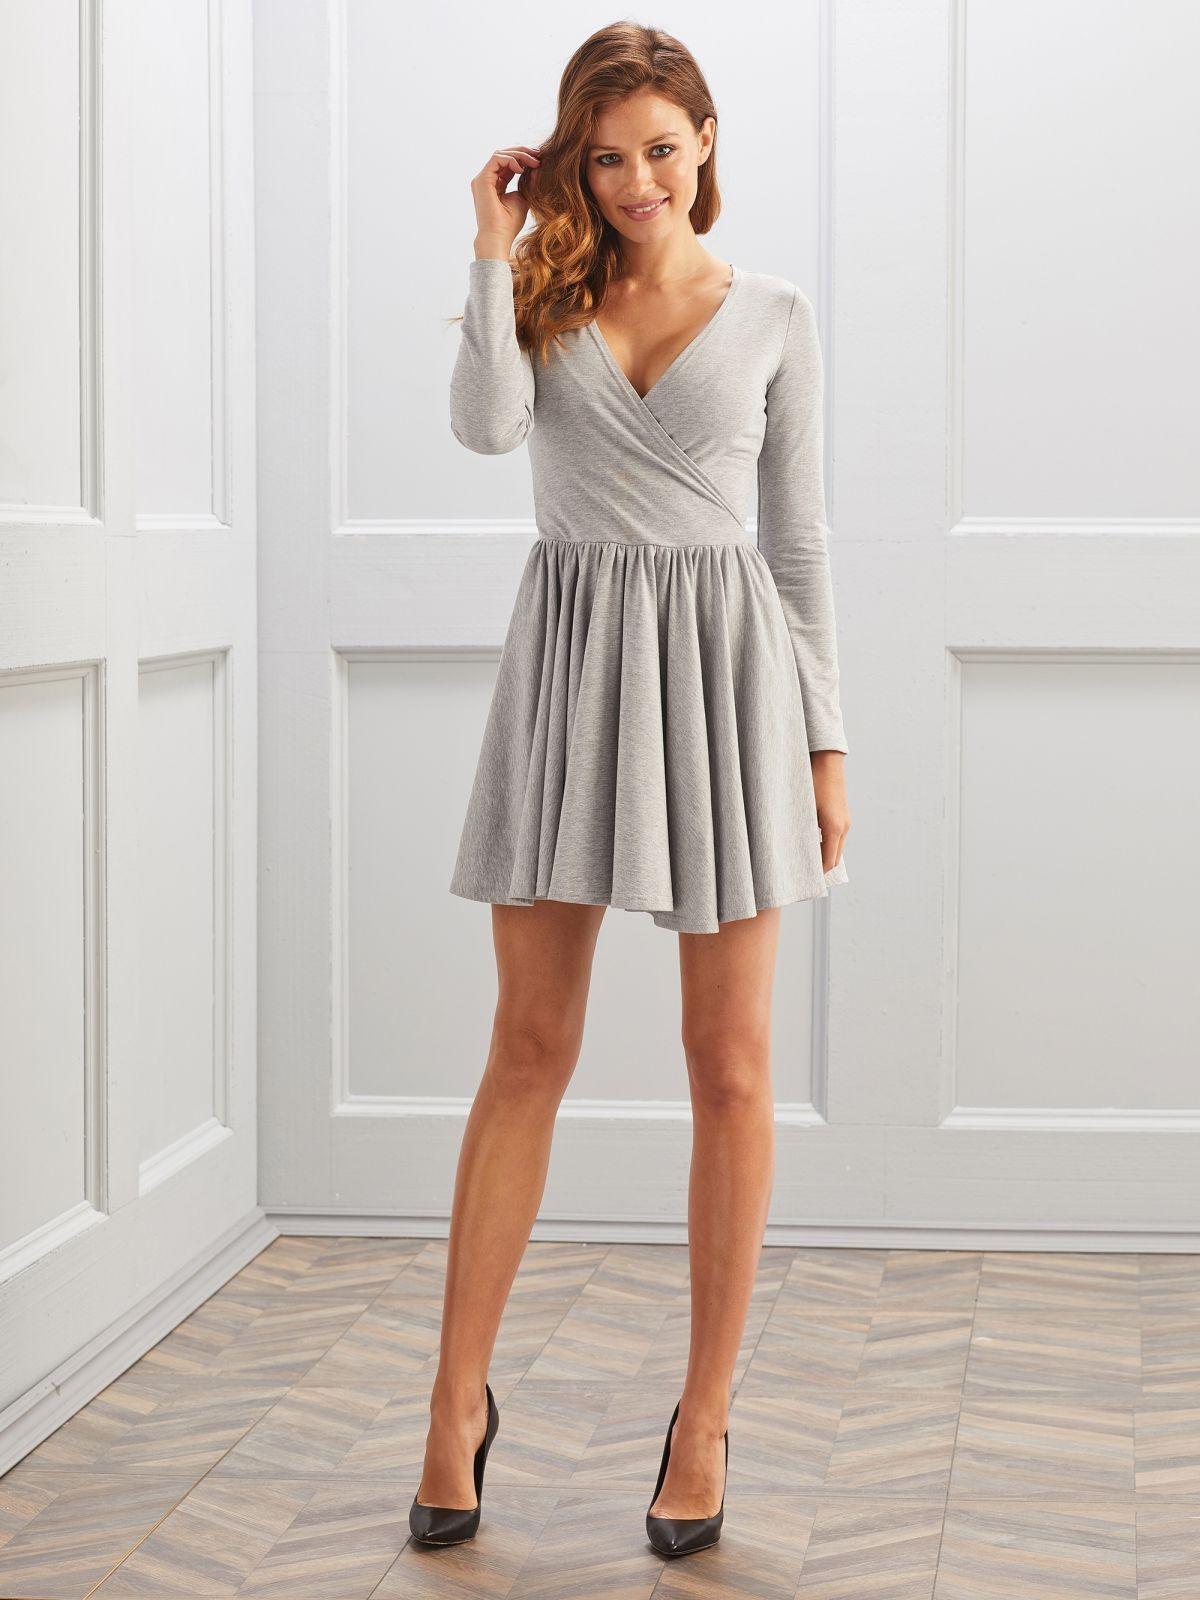 a45f8f3ac6 Sukienka Chelsy w kolorze szarym   Sukienki - Sukienki na każdą okazję -  SUGARFREE.PL